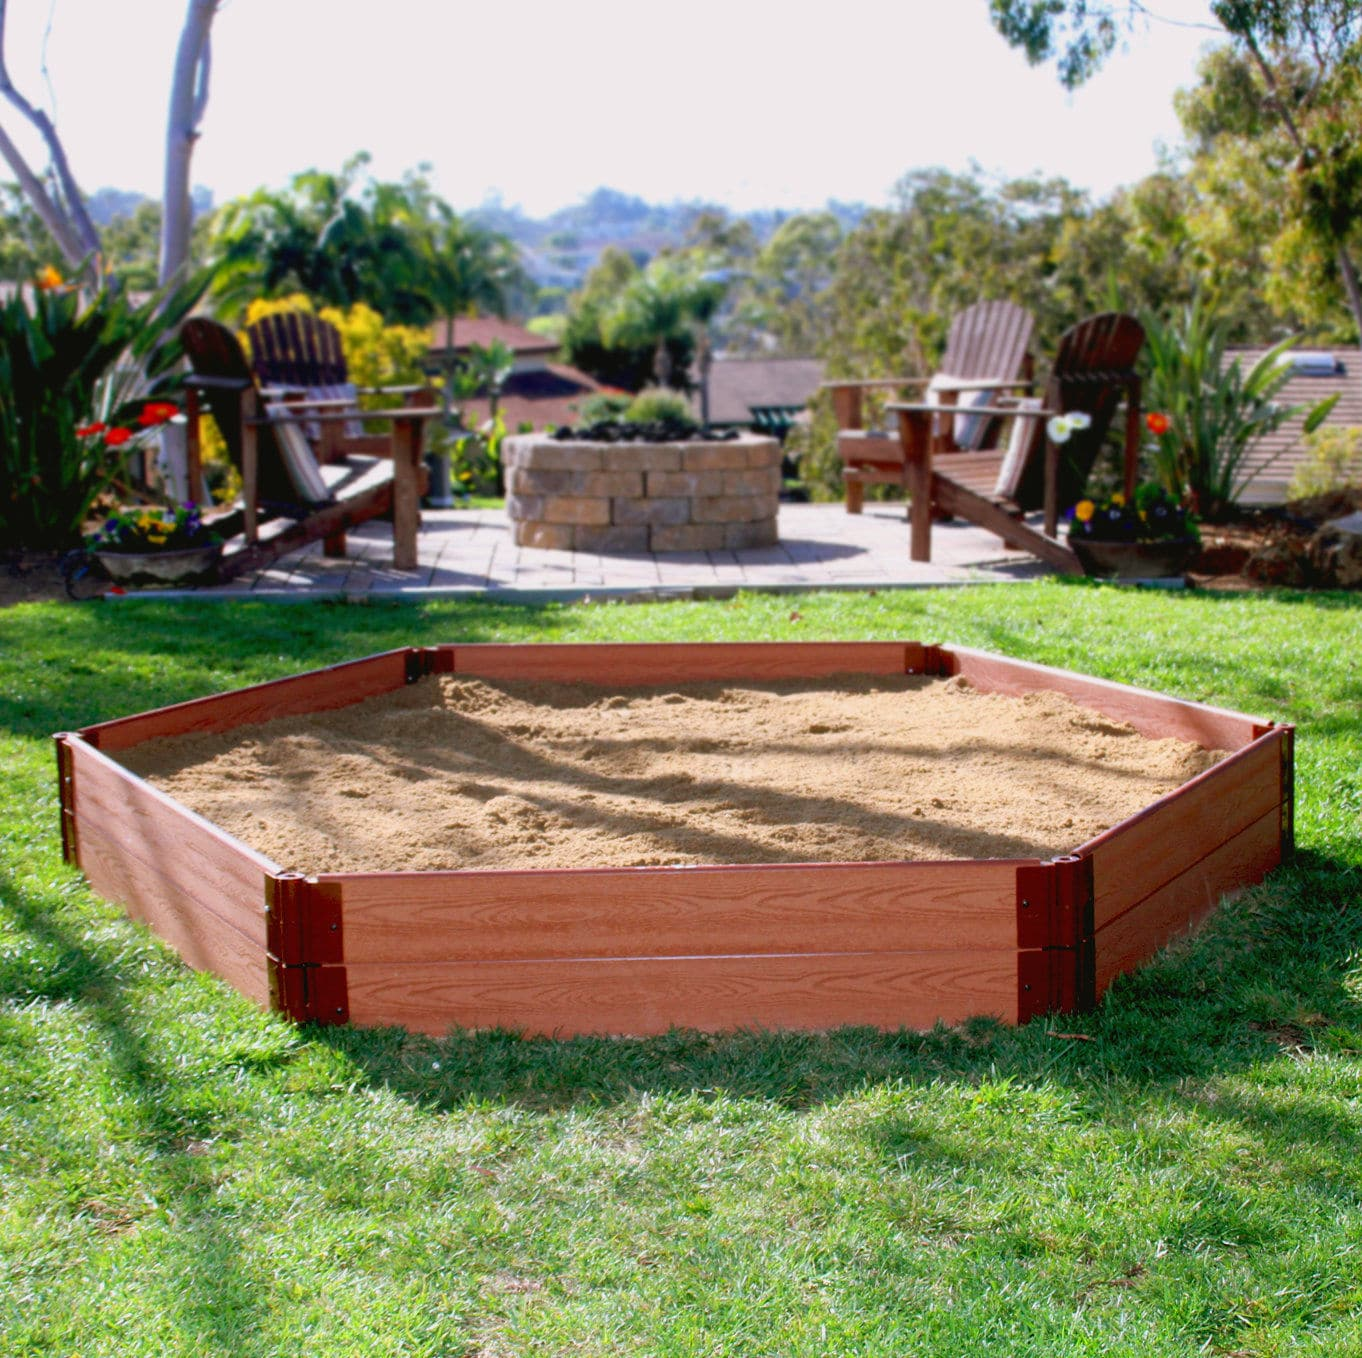 Ein Sandkasten für unseren Saisongarten - eBay Home & Garden machts möglich